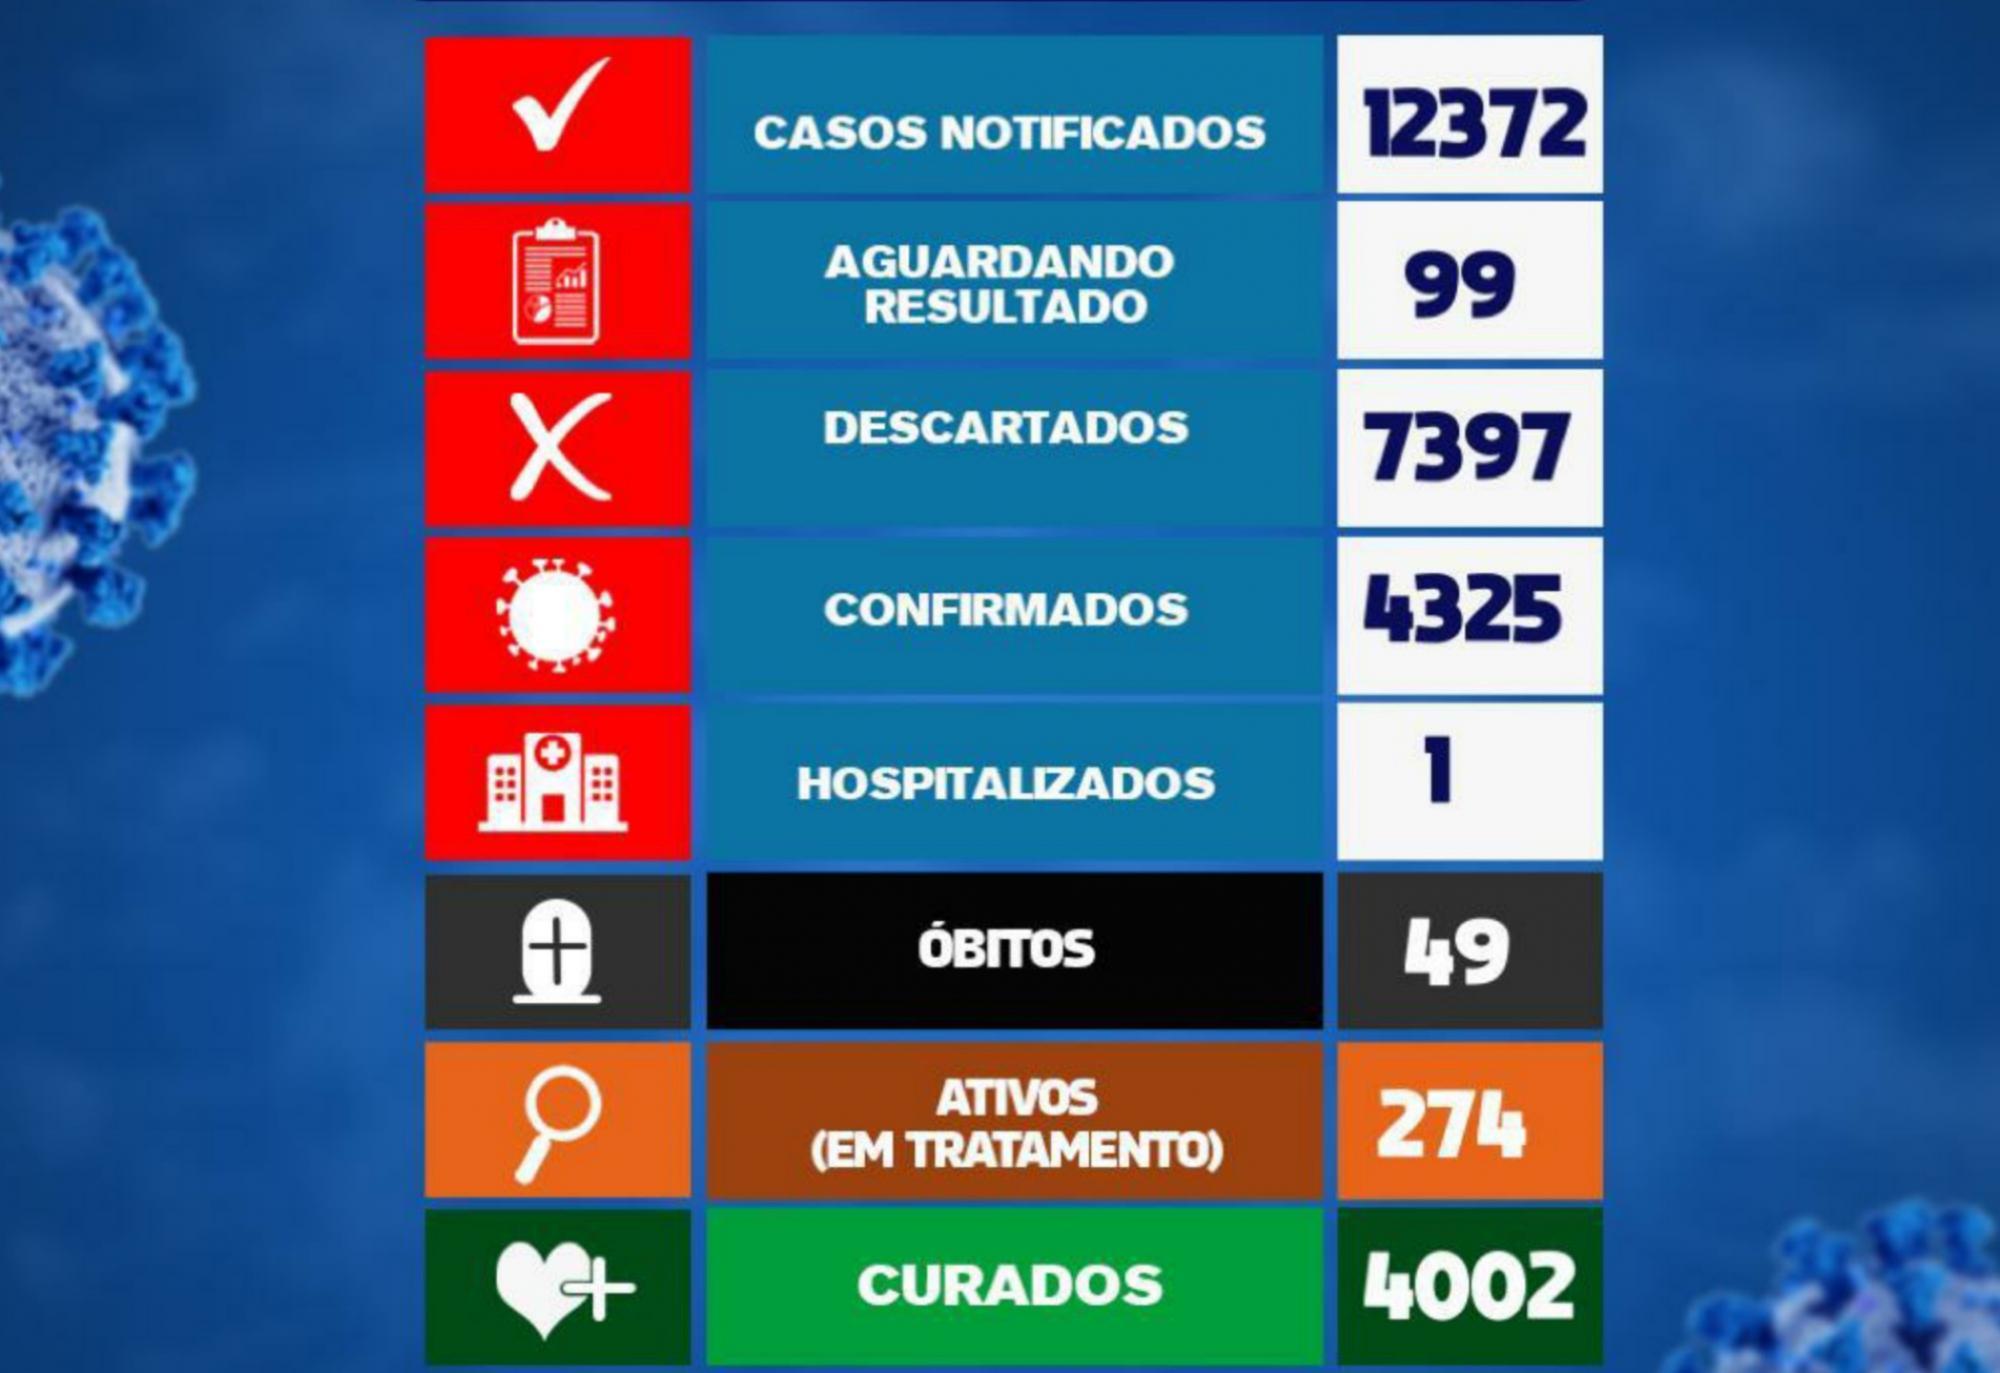 Brumado registra 10 casos da Covid-19 nas últimas 24h e tem 4002 recuperados da doença